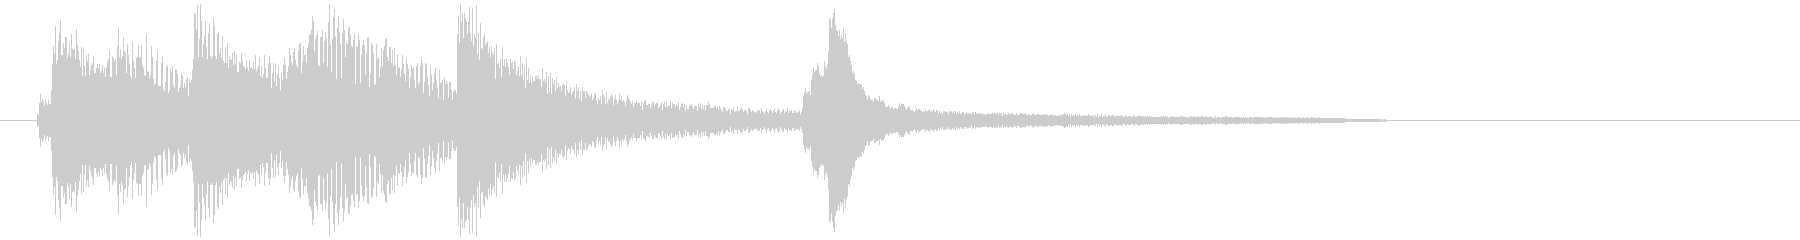 クリアBGMの様なピアノフレーズの未再生の波形